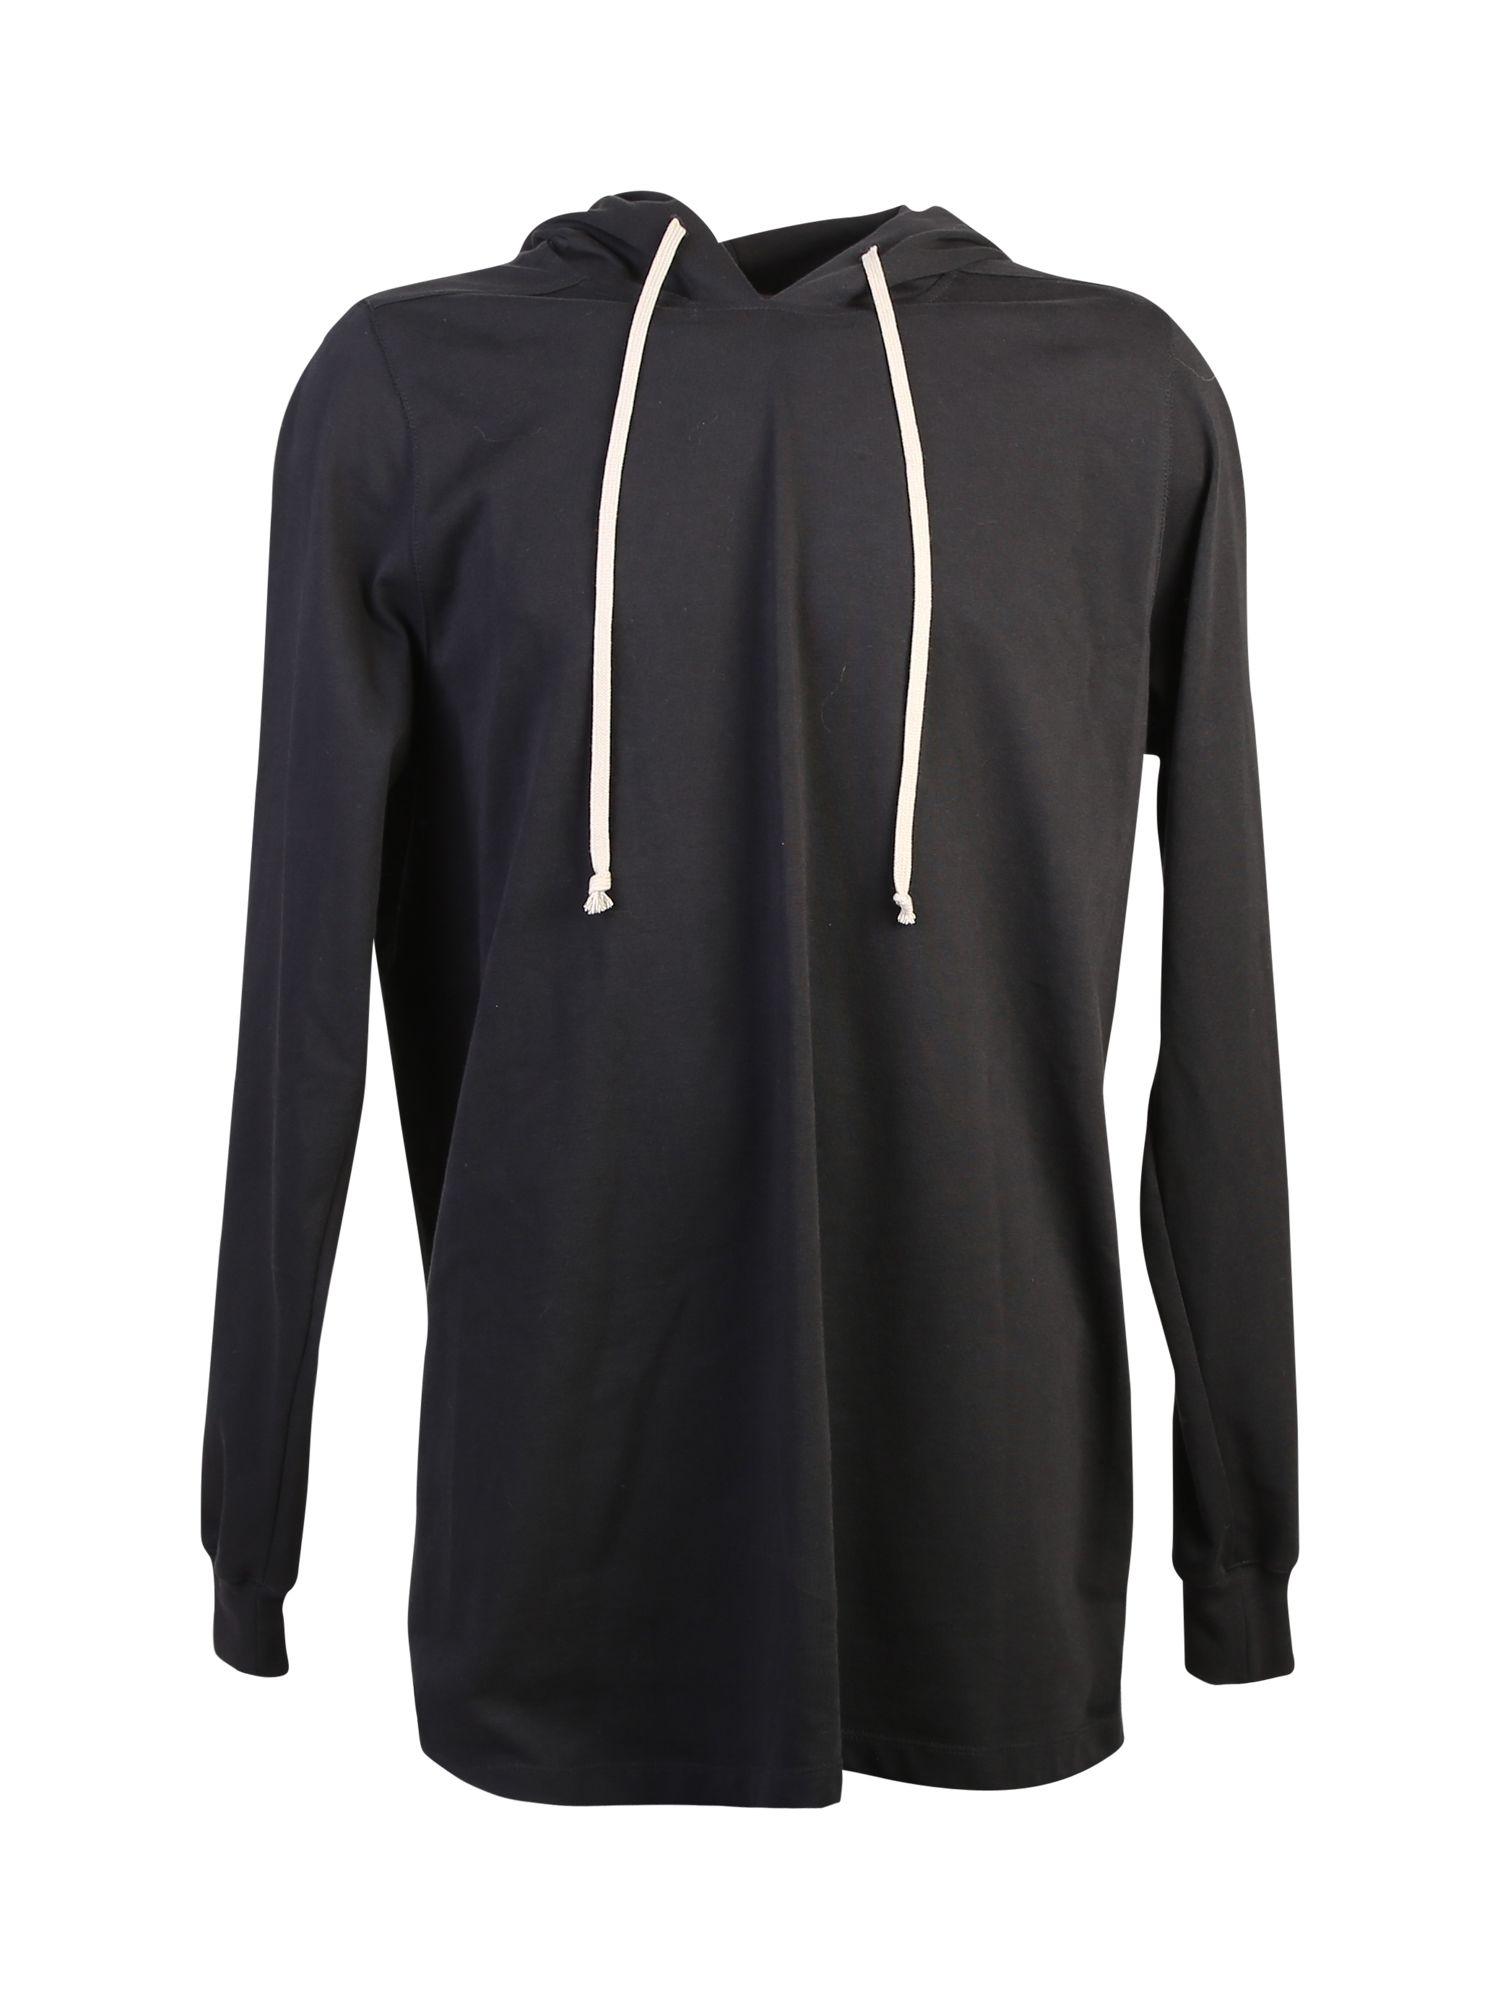 Cotton Hood Sweatshirt